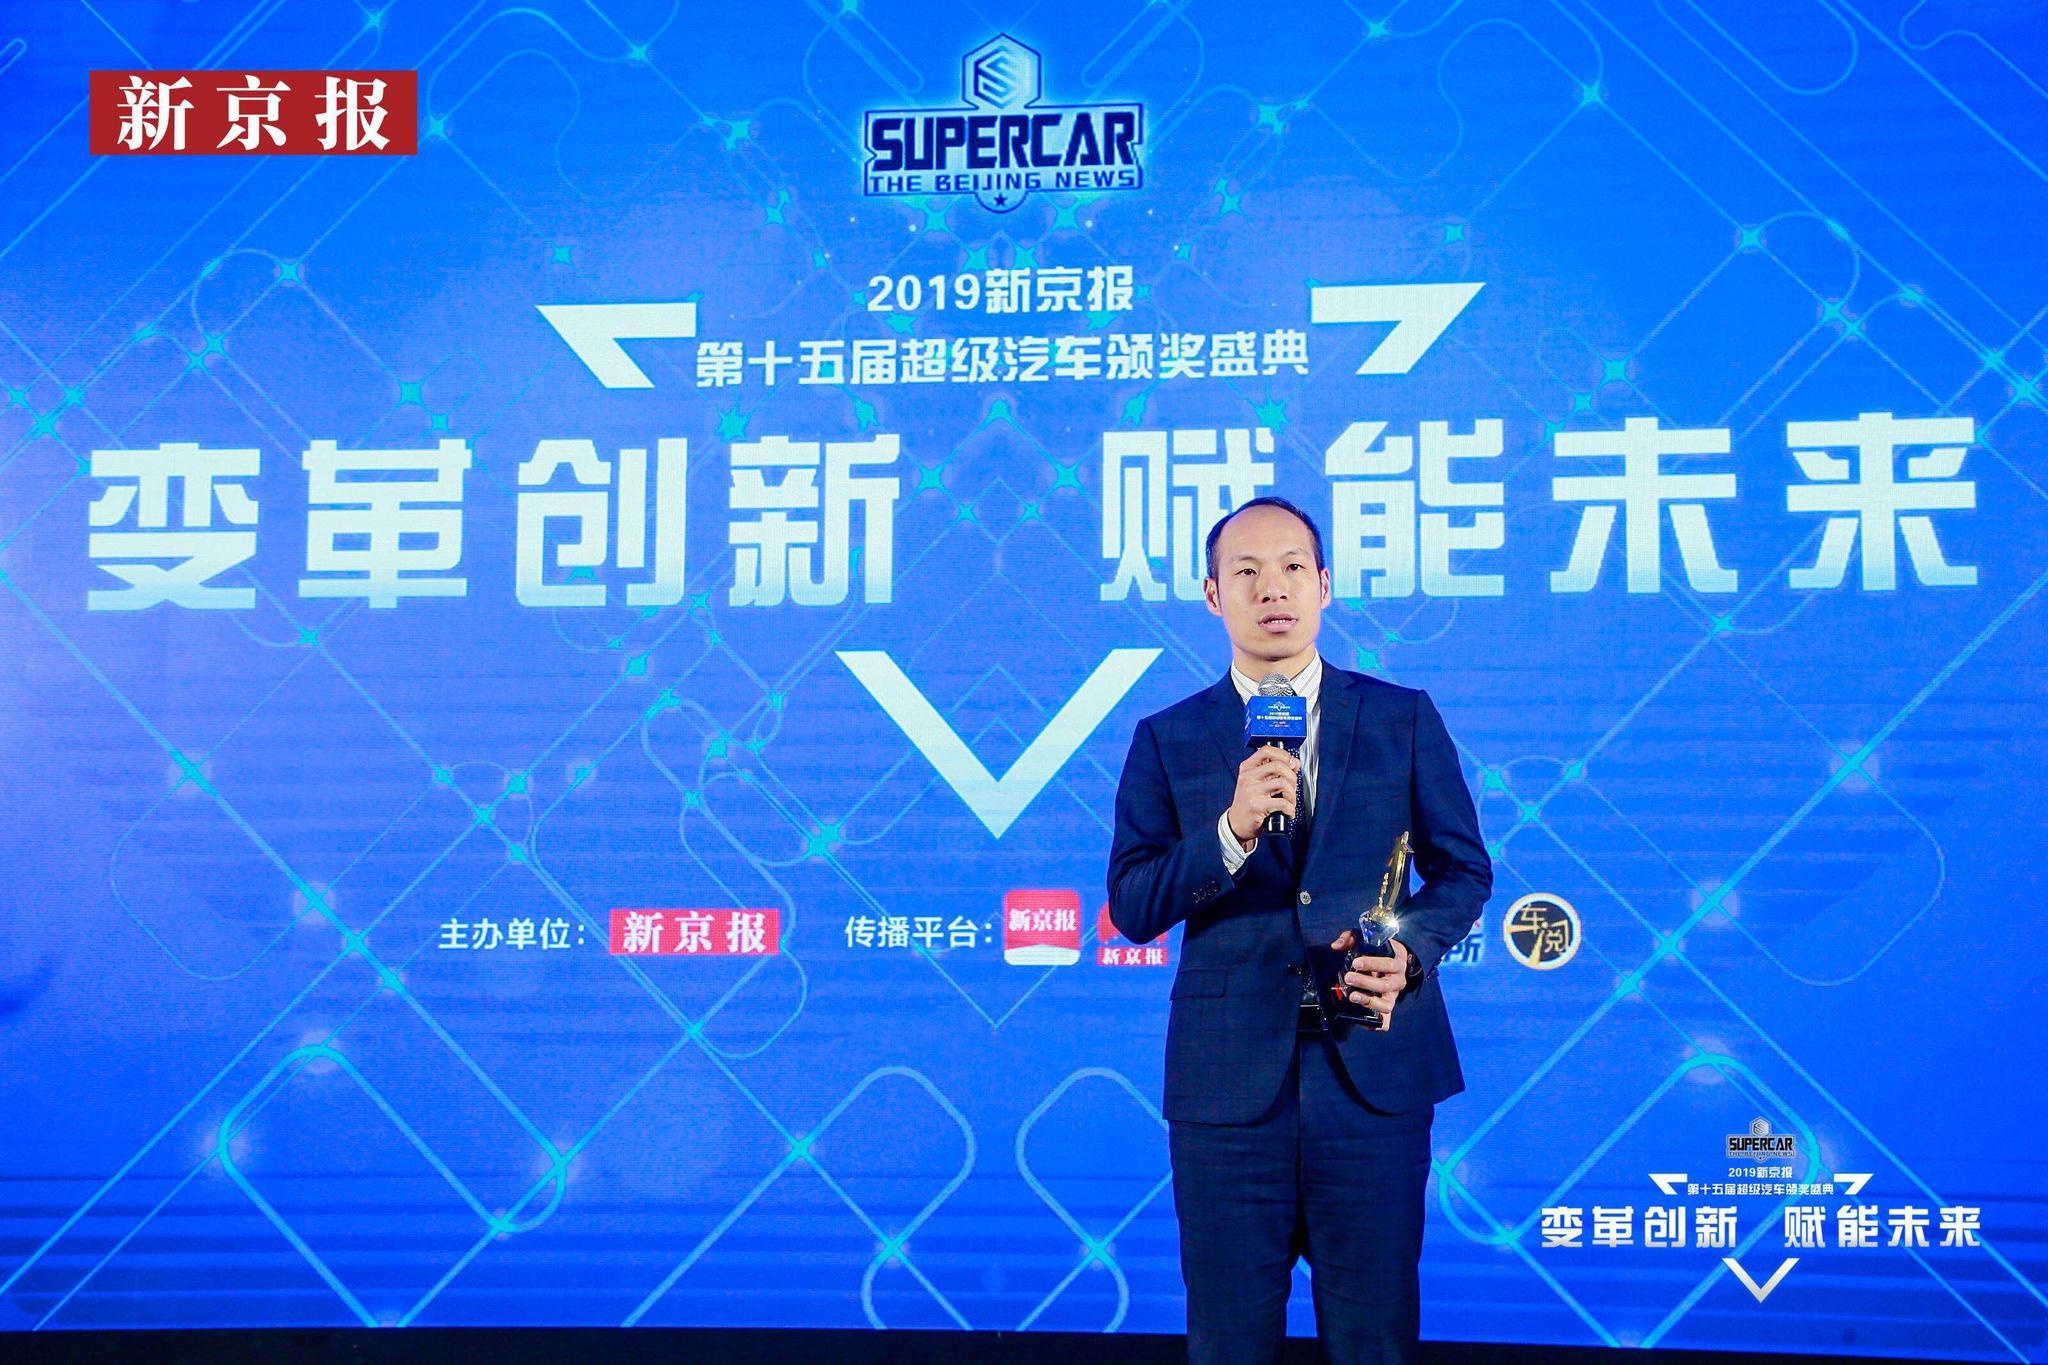 广汽本田皓影获新京报2019年度超级汽车图片